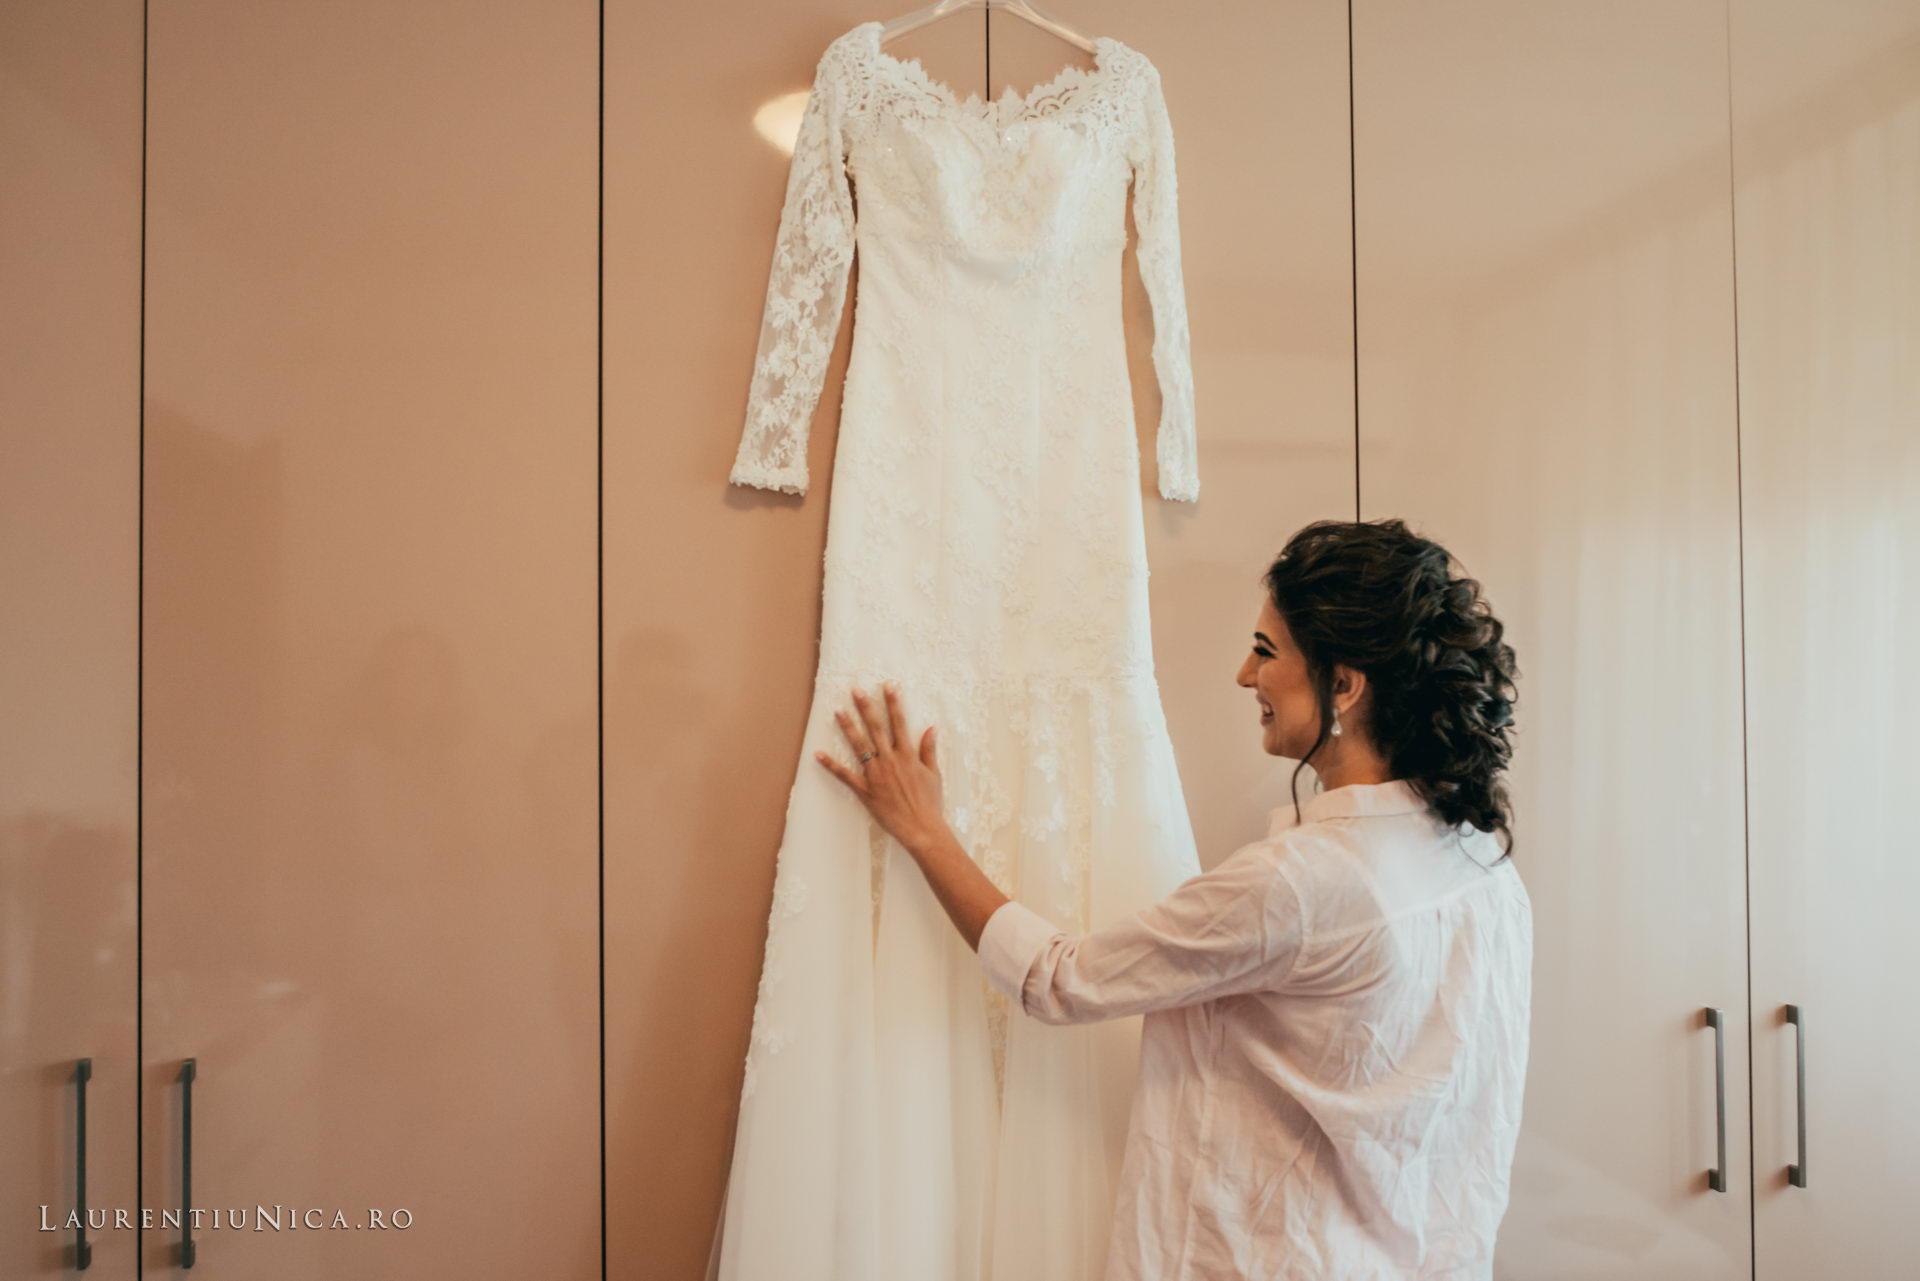 Cristina si Ovidiu nunta Craiova fotograf laurentiu nica 058 - Cristina & Ovidiu | Fotografii nunta | Craiova